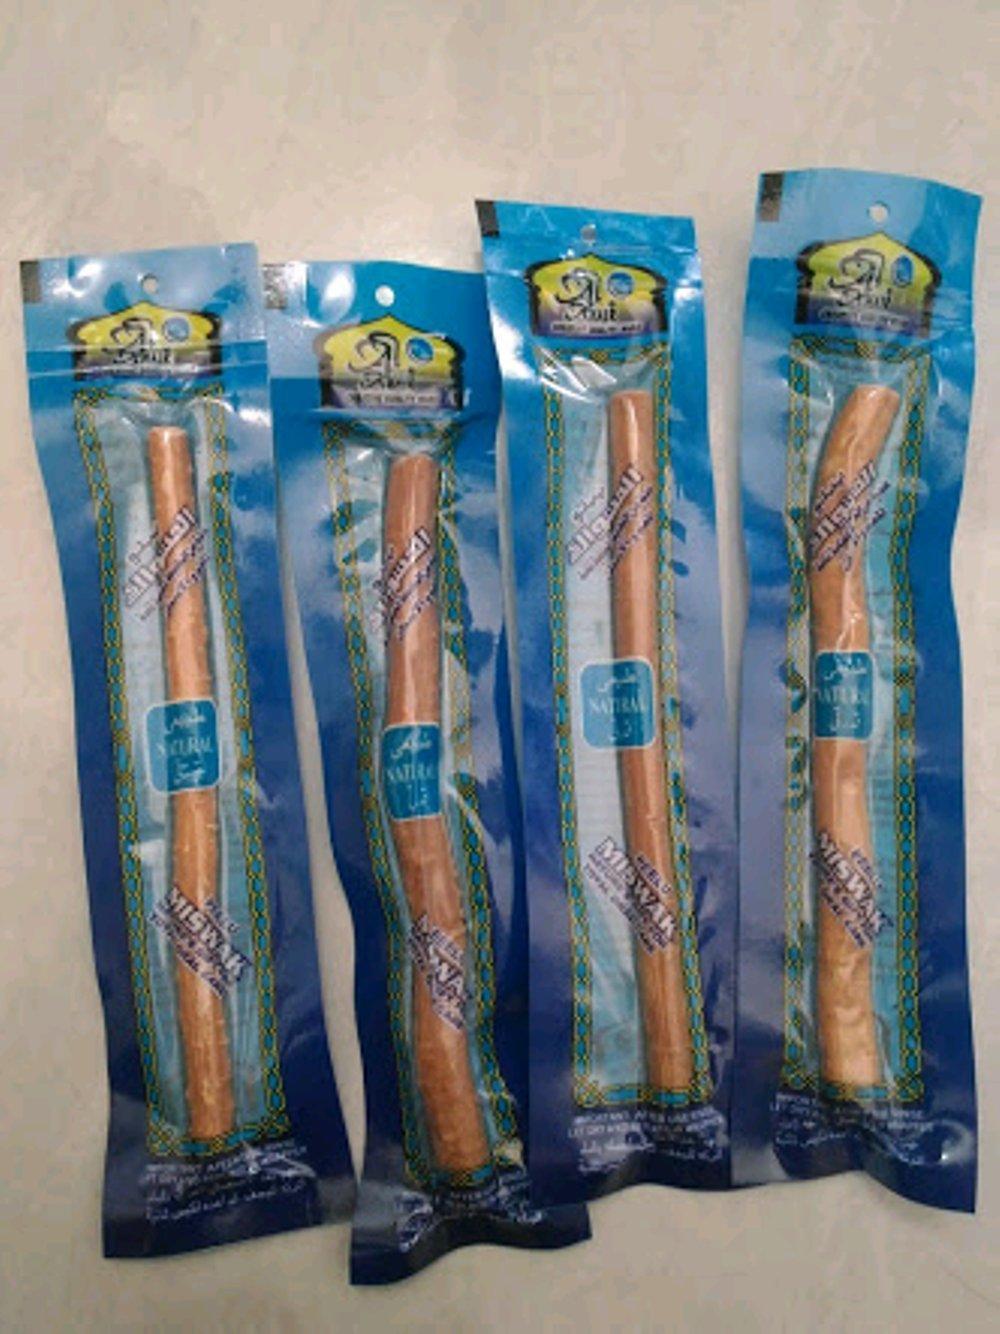 Buy Sell Cheapest Siwak Miswak Khair Best Quality Product Deals 5 Batang Basah Kayu Al Peelu Original Pakistan